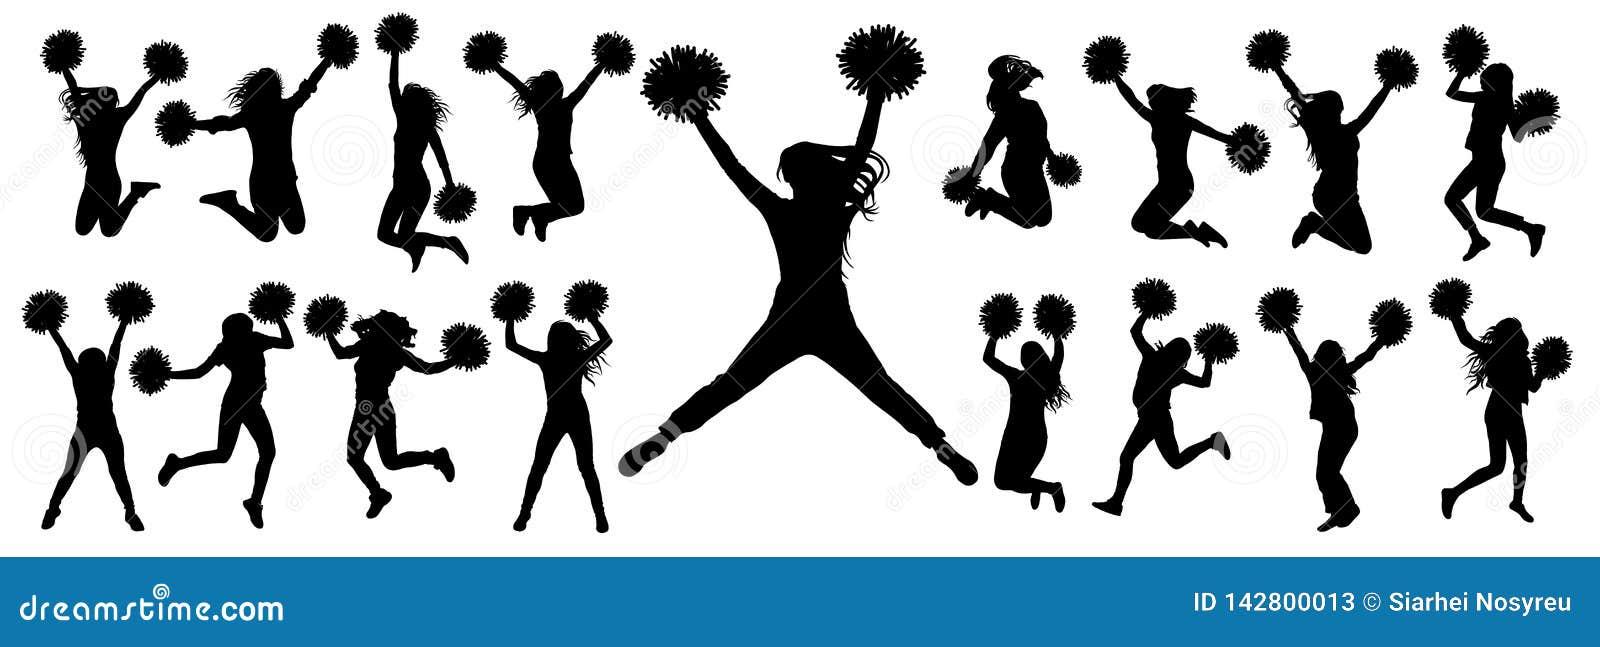 Siluetas de animar a los bailarines que saltan y que se colocan con los pompoms, sistema aislado de iconos Ilustración del vector